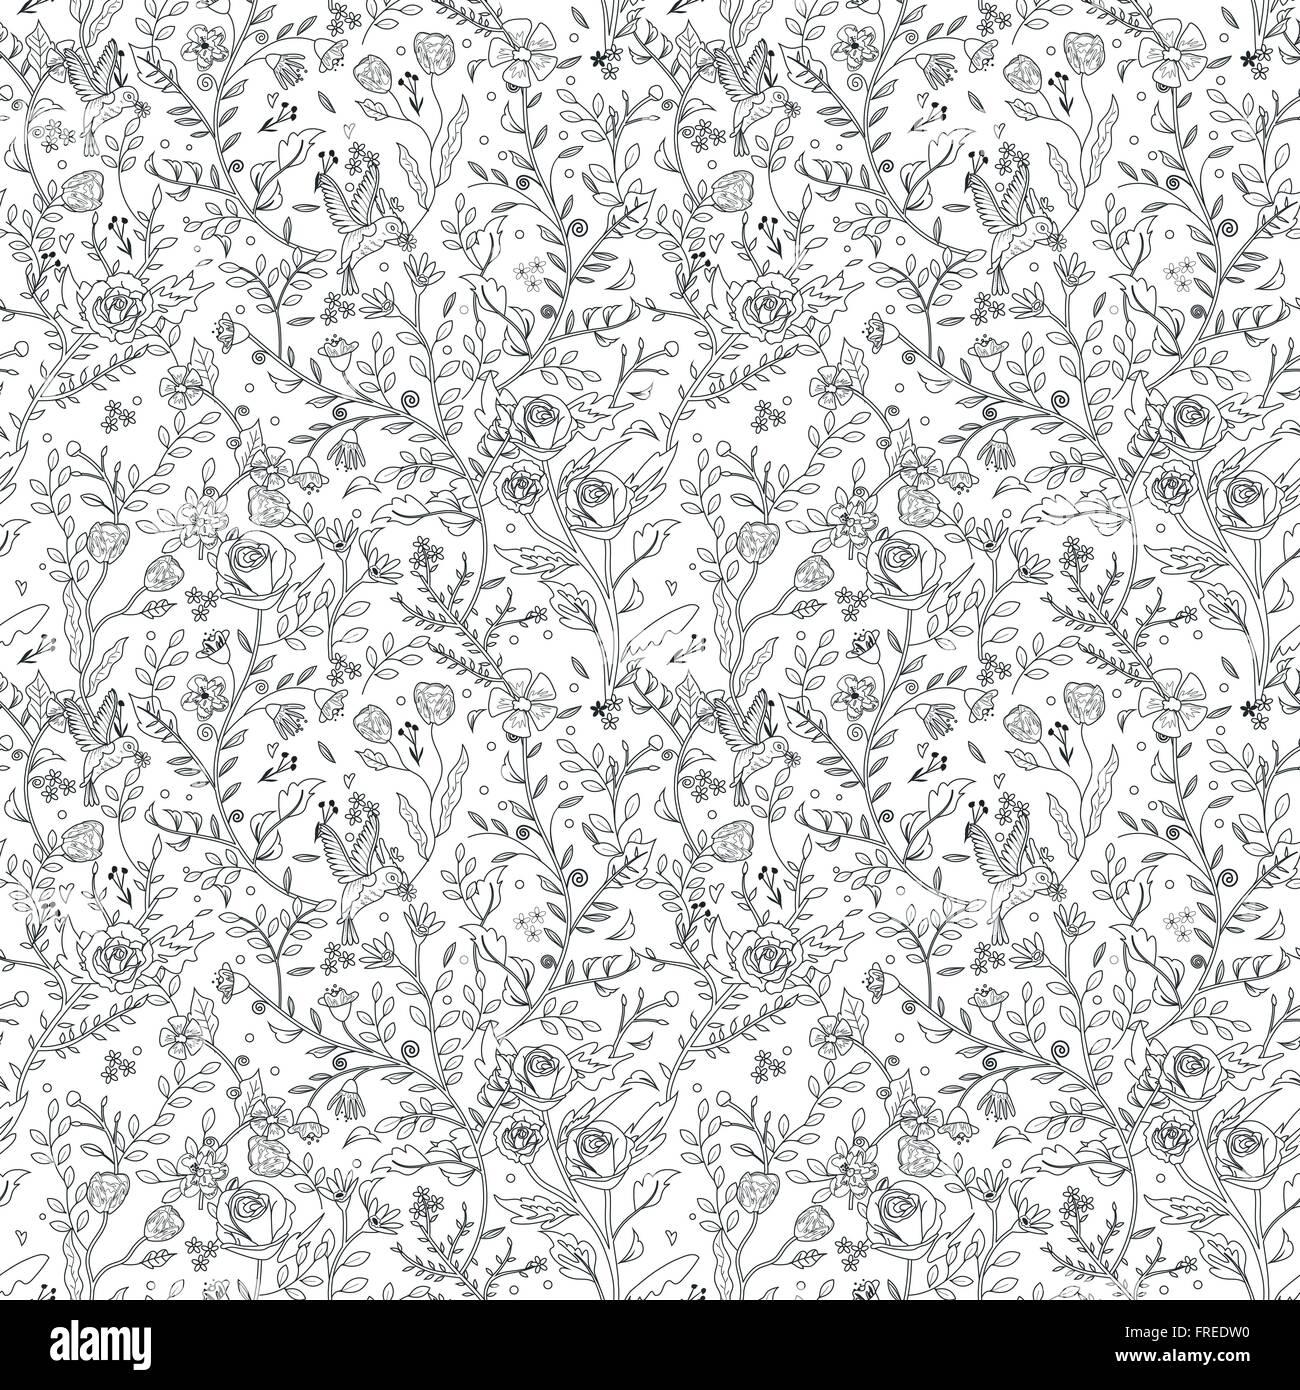 anmutige nahtlose floralen Muster Malvorlagen in exquisitem Stil ...